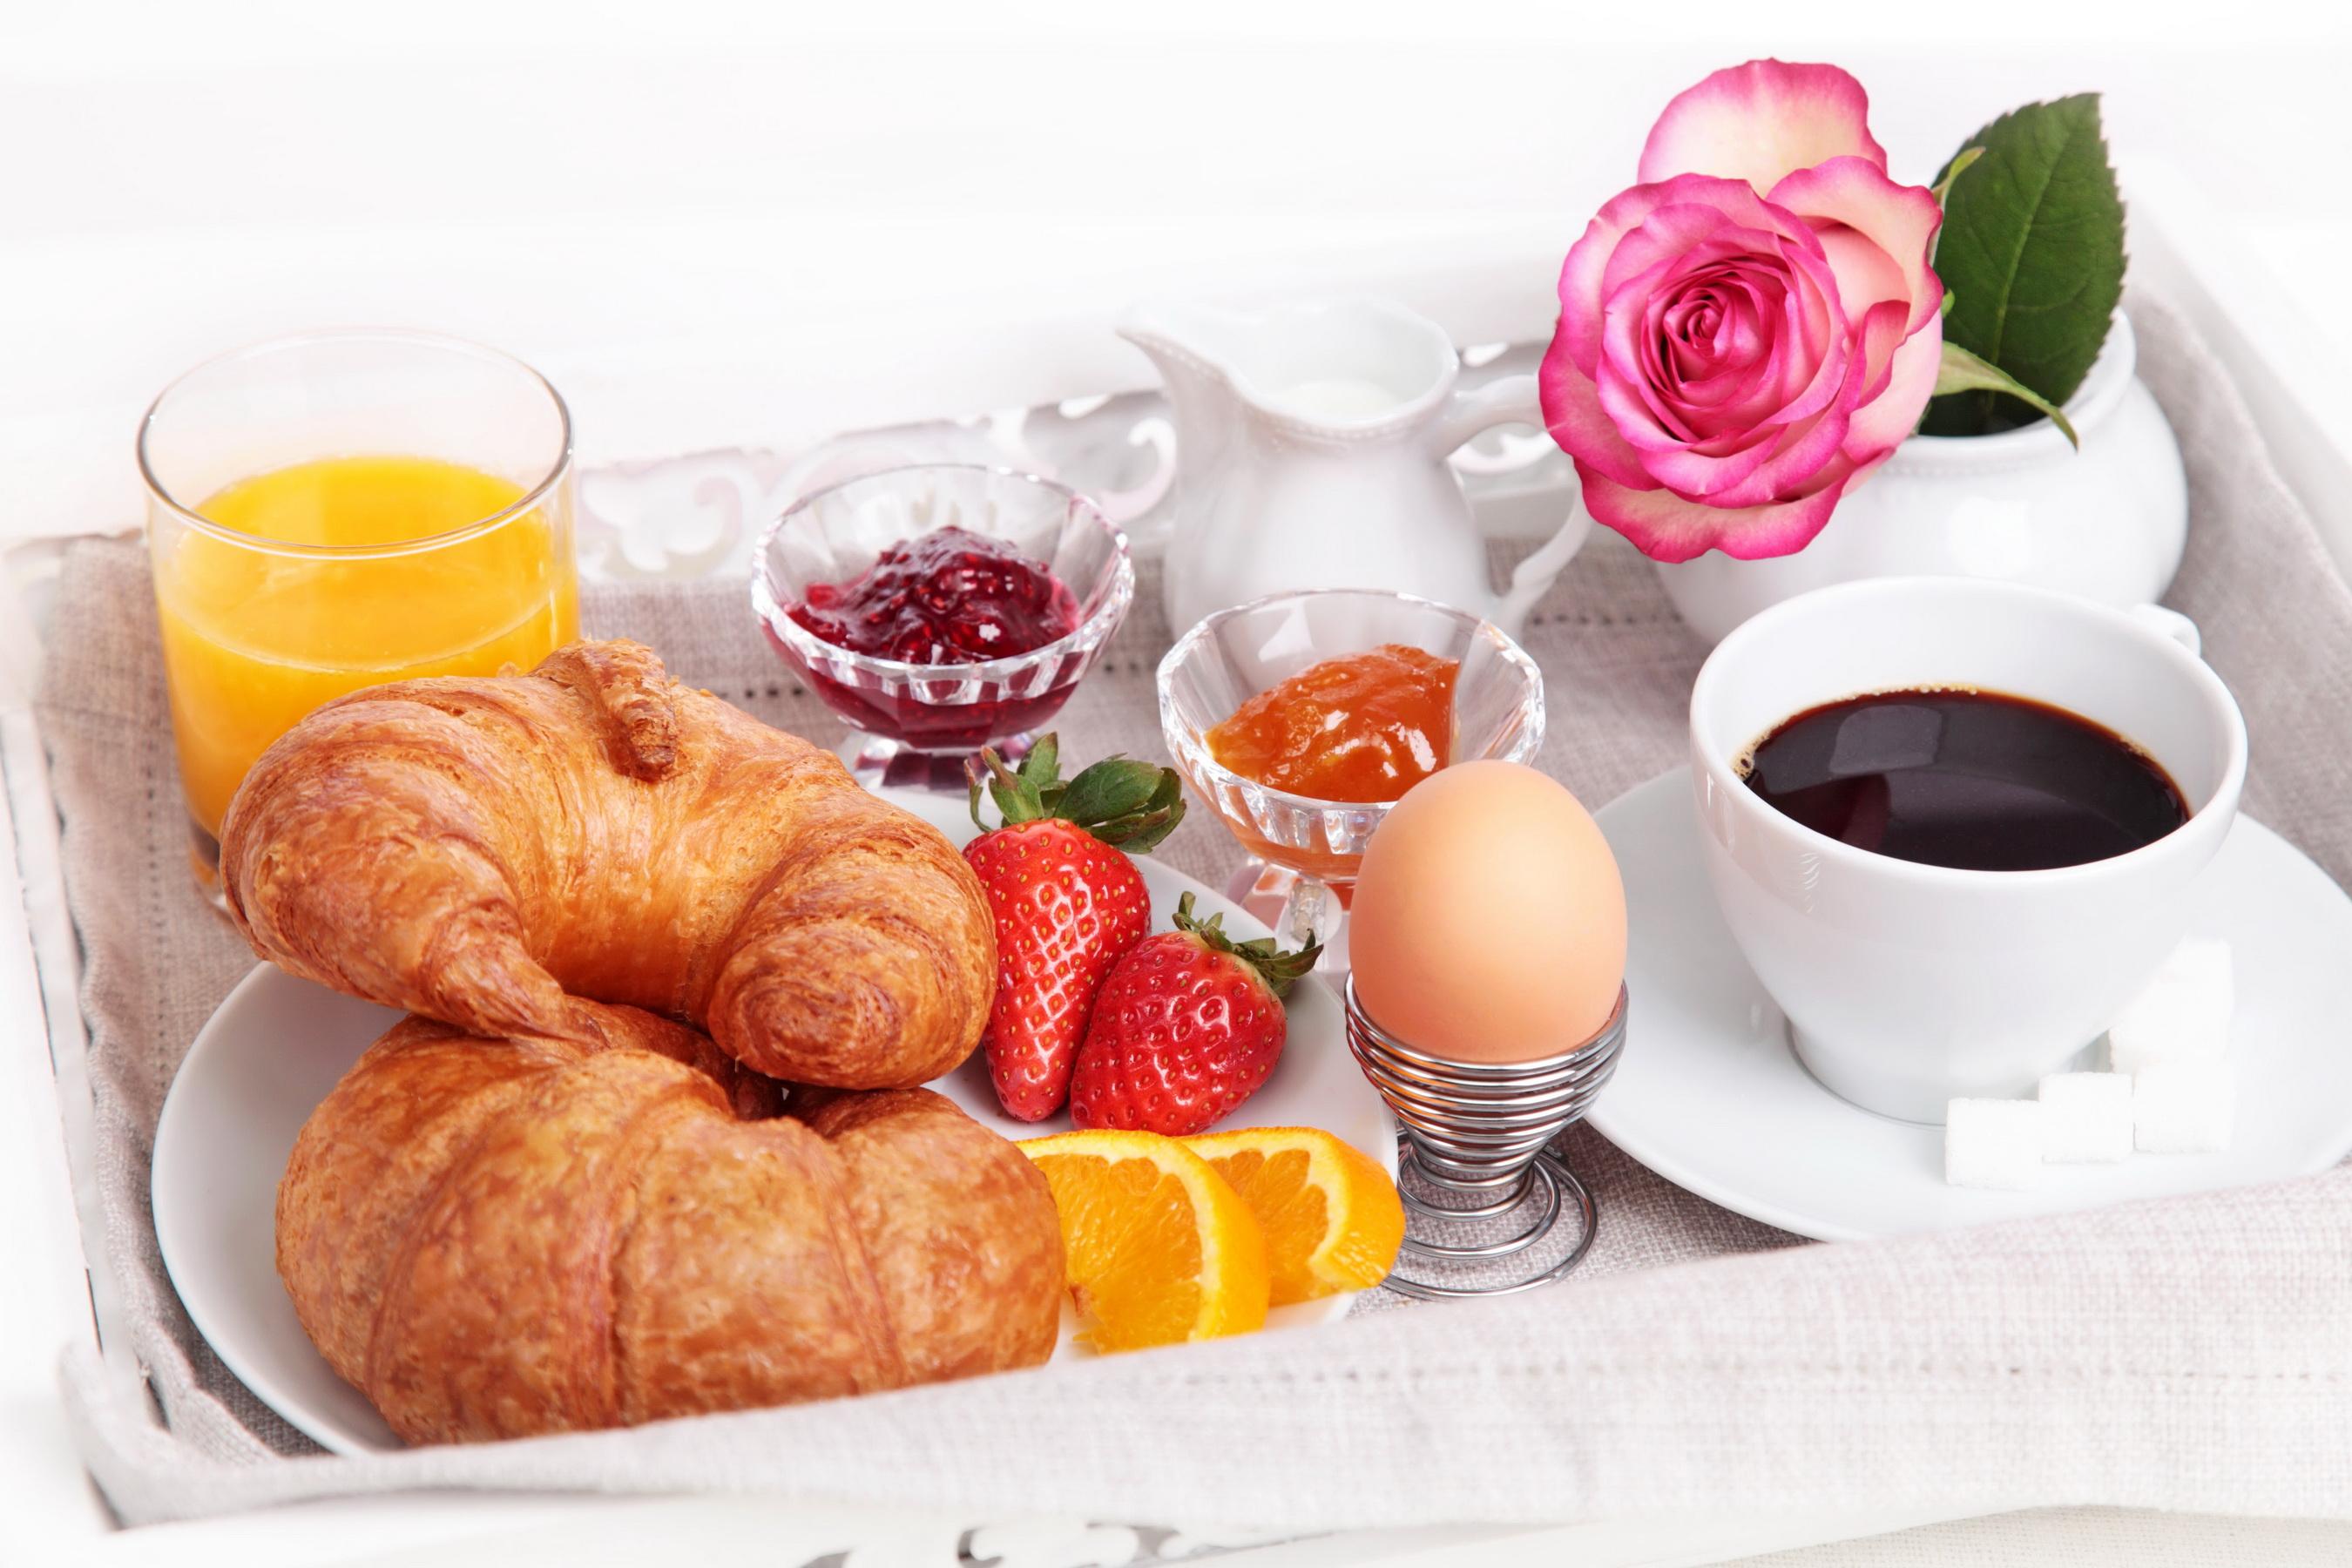 еда кофе хлеб любовь скачать